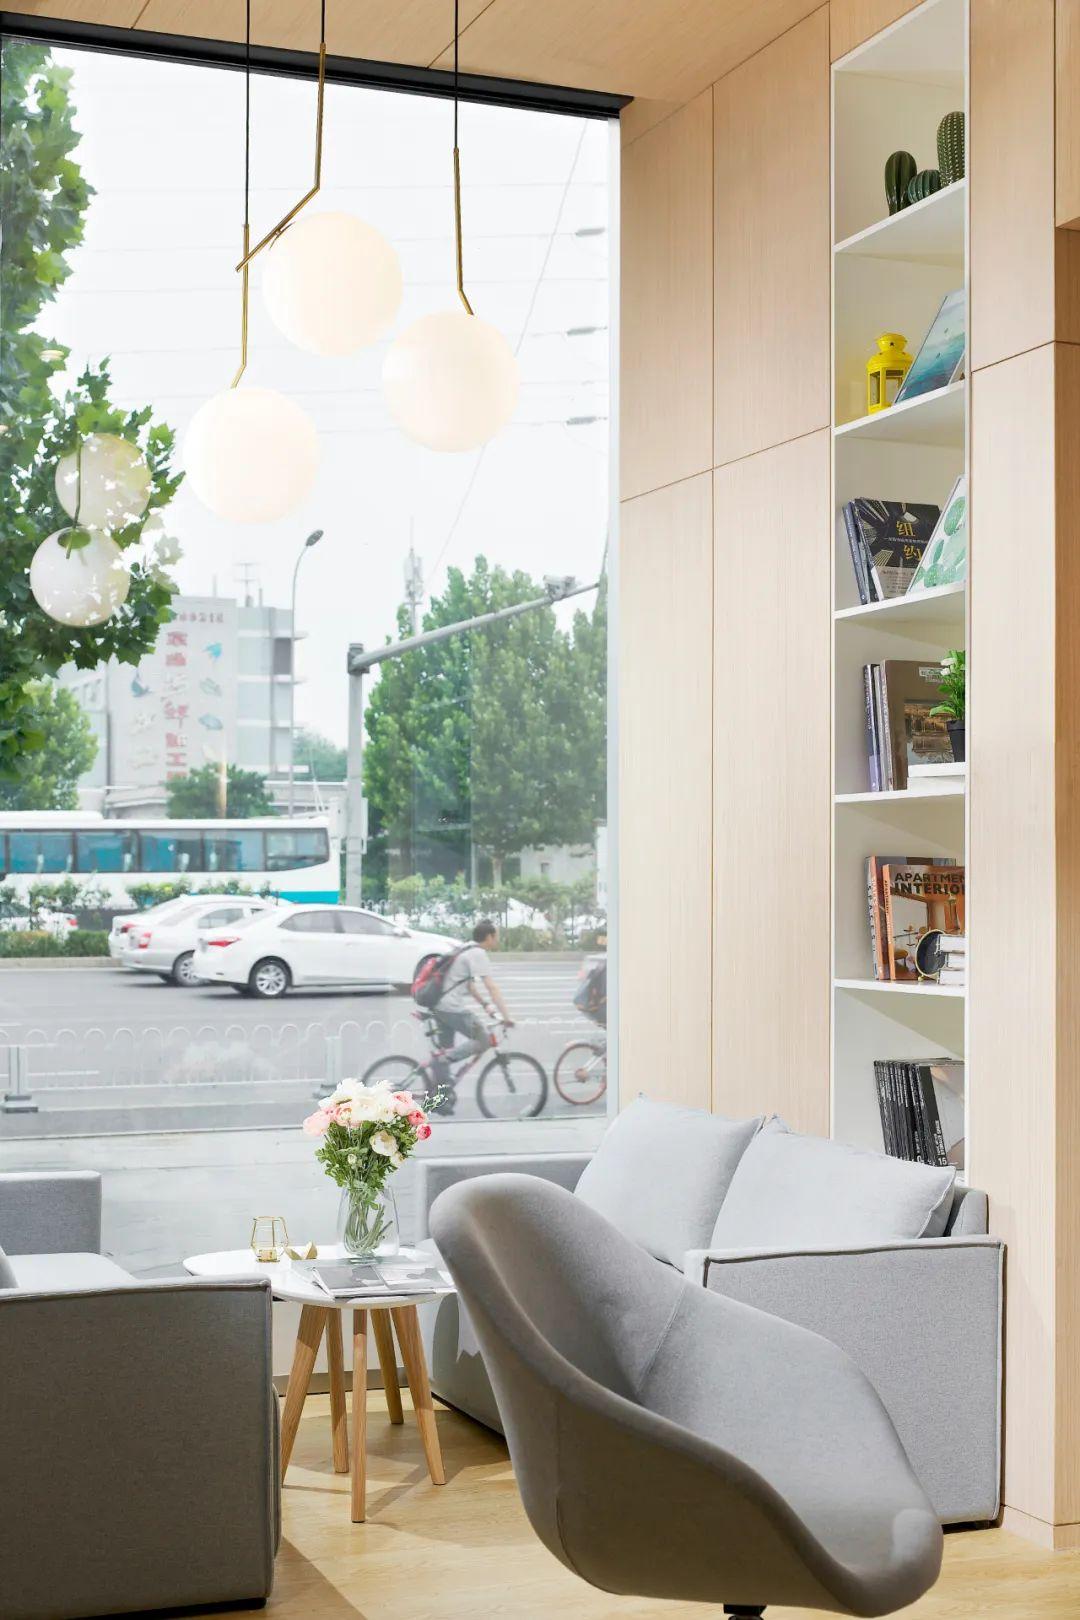 北京宋庄咖啡厅/ DAGA大观建筑